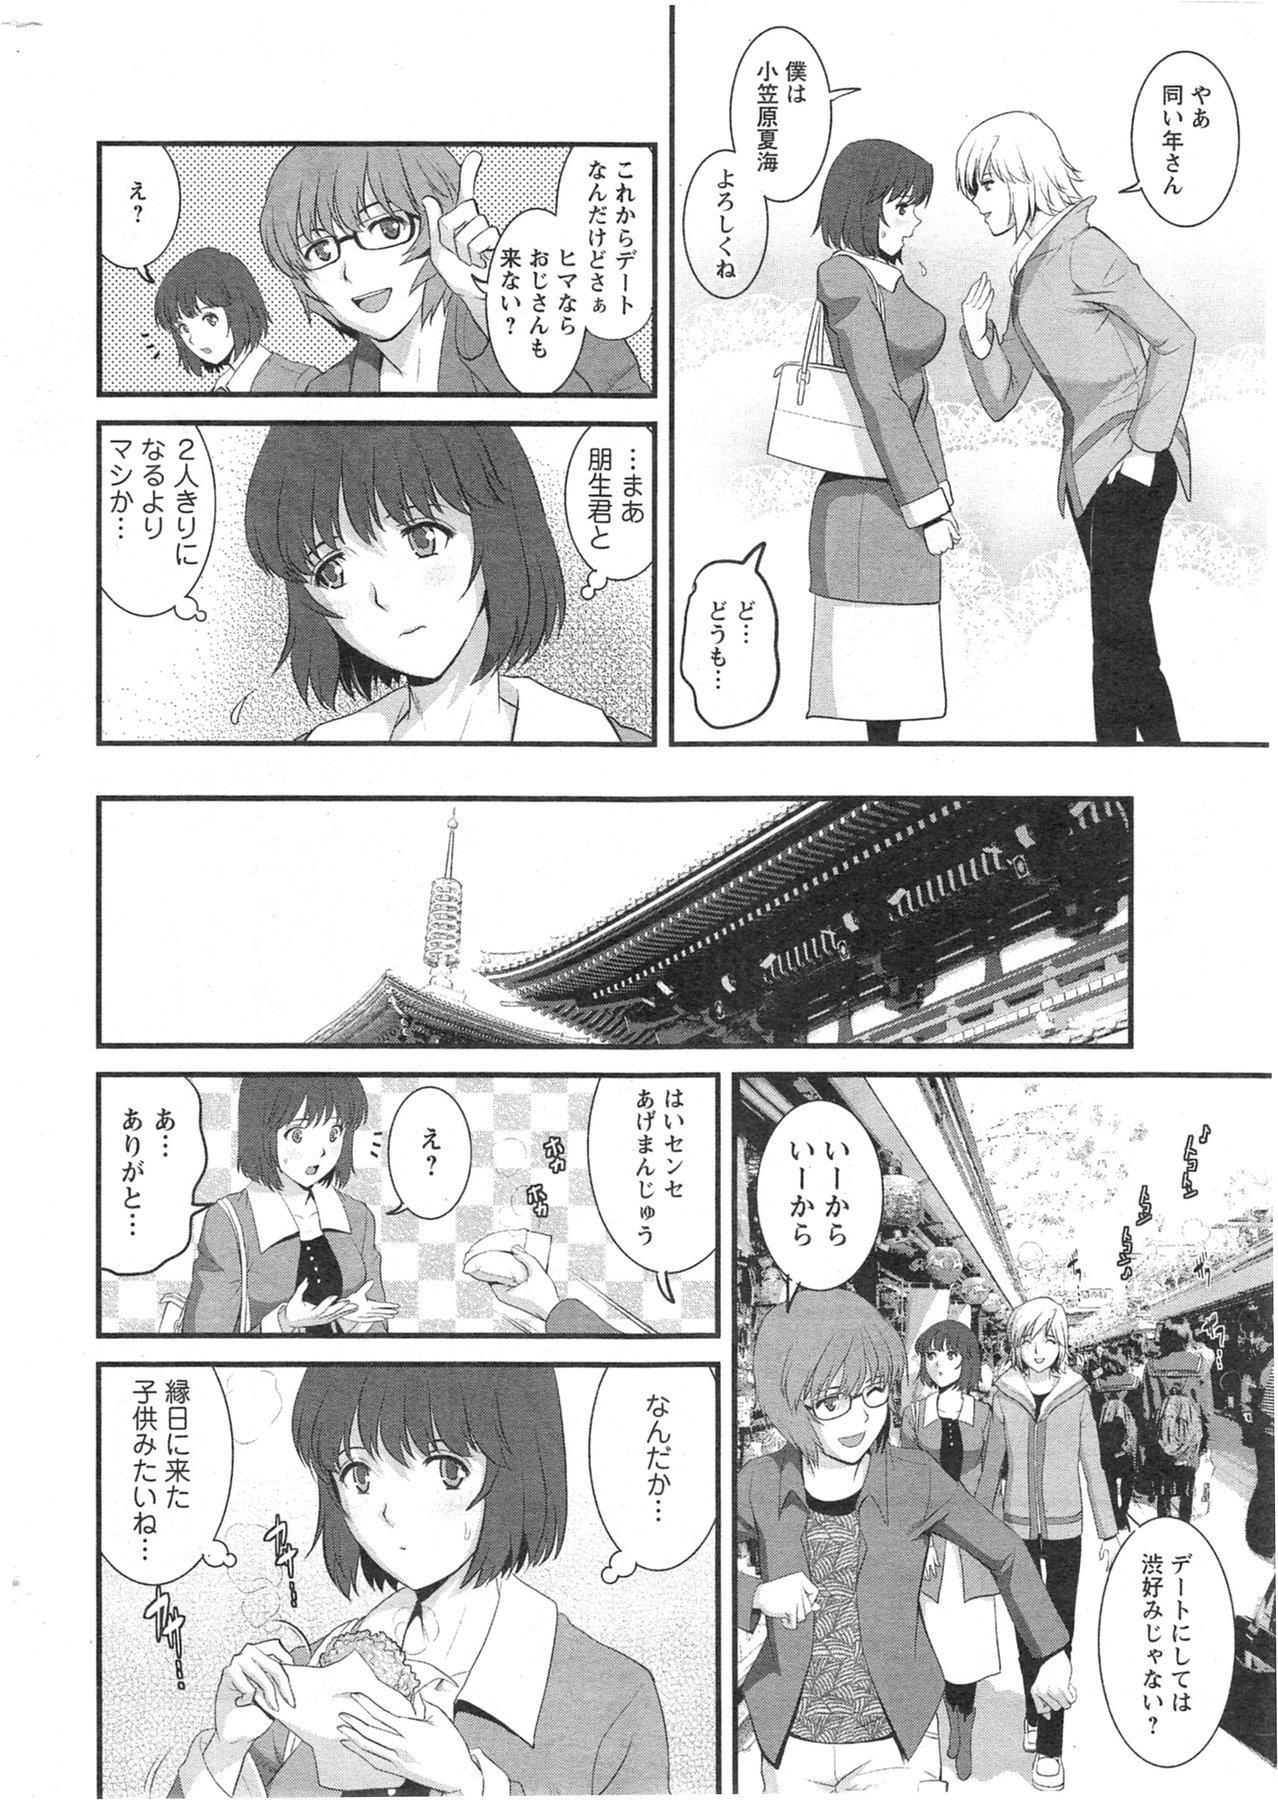 [Saigado] Hitozuma Jokyoushi Main-san Ch.01-10 49